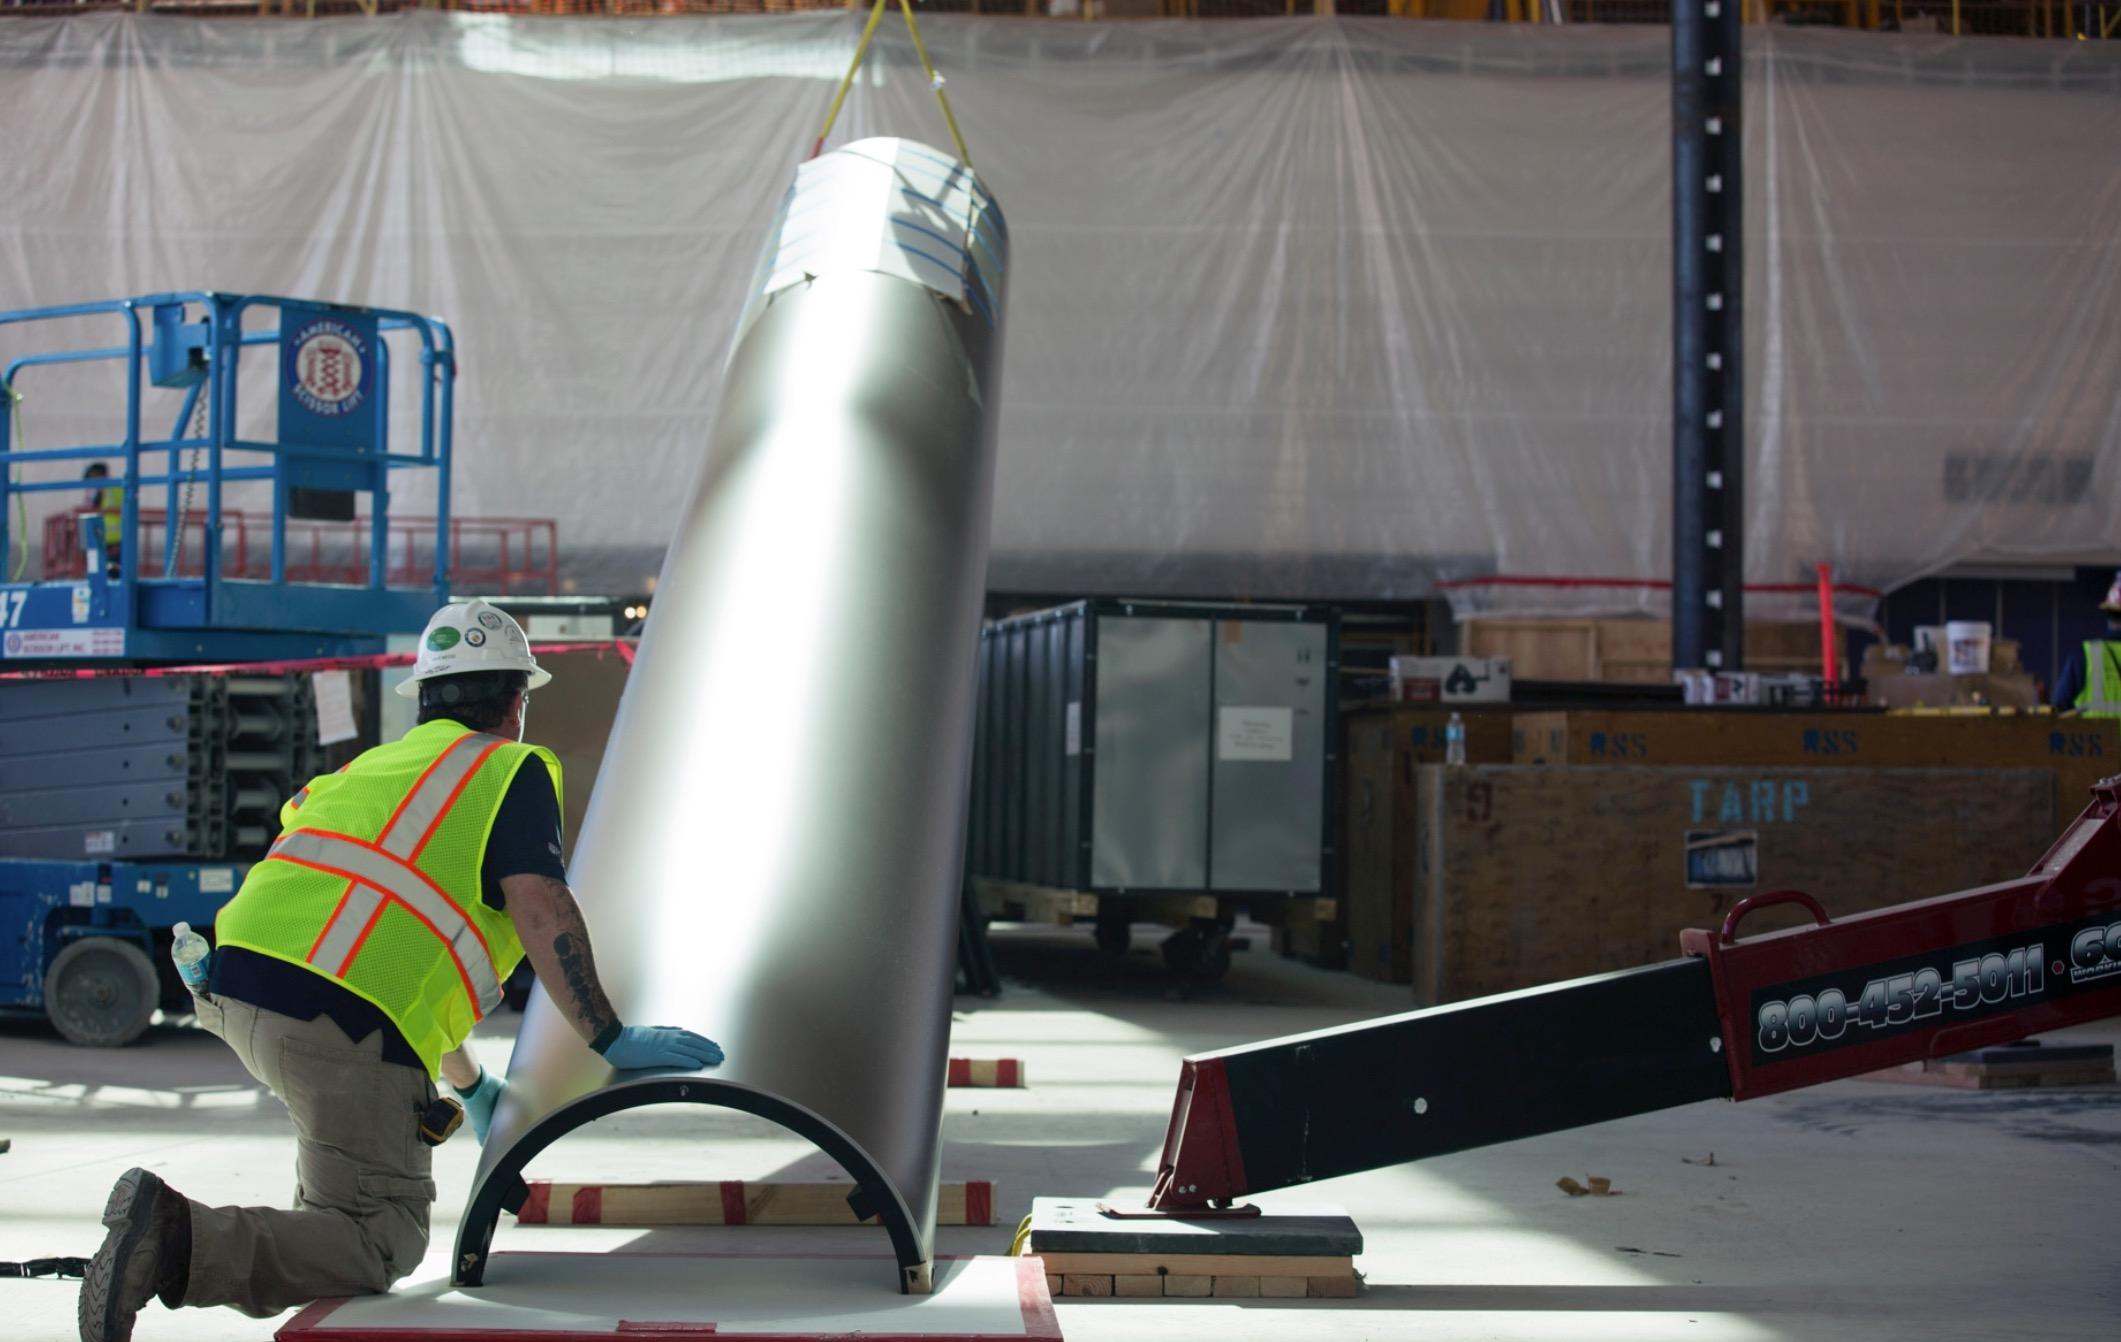 Peça de aço inoxidável para cobrir os postes dentro do Caffè Macs, no Apple Campus 2